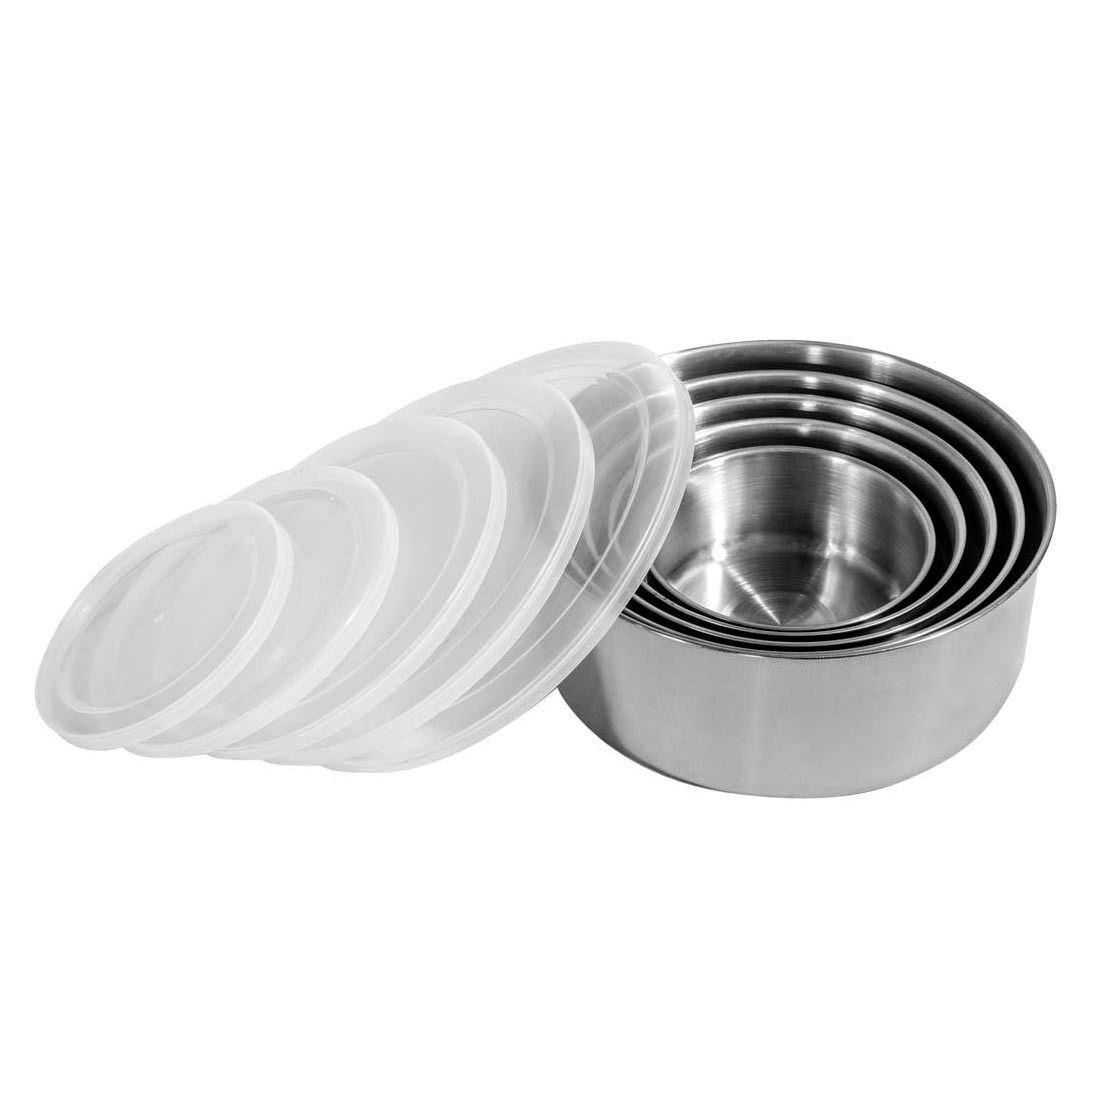 Conjunto De 5 Potes Inox Com Tampa Plástica